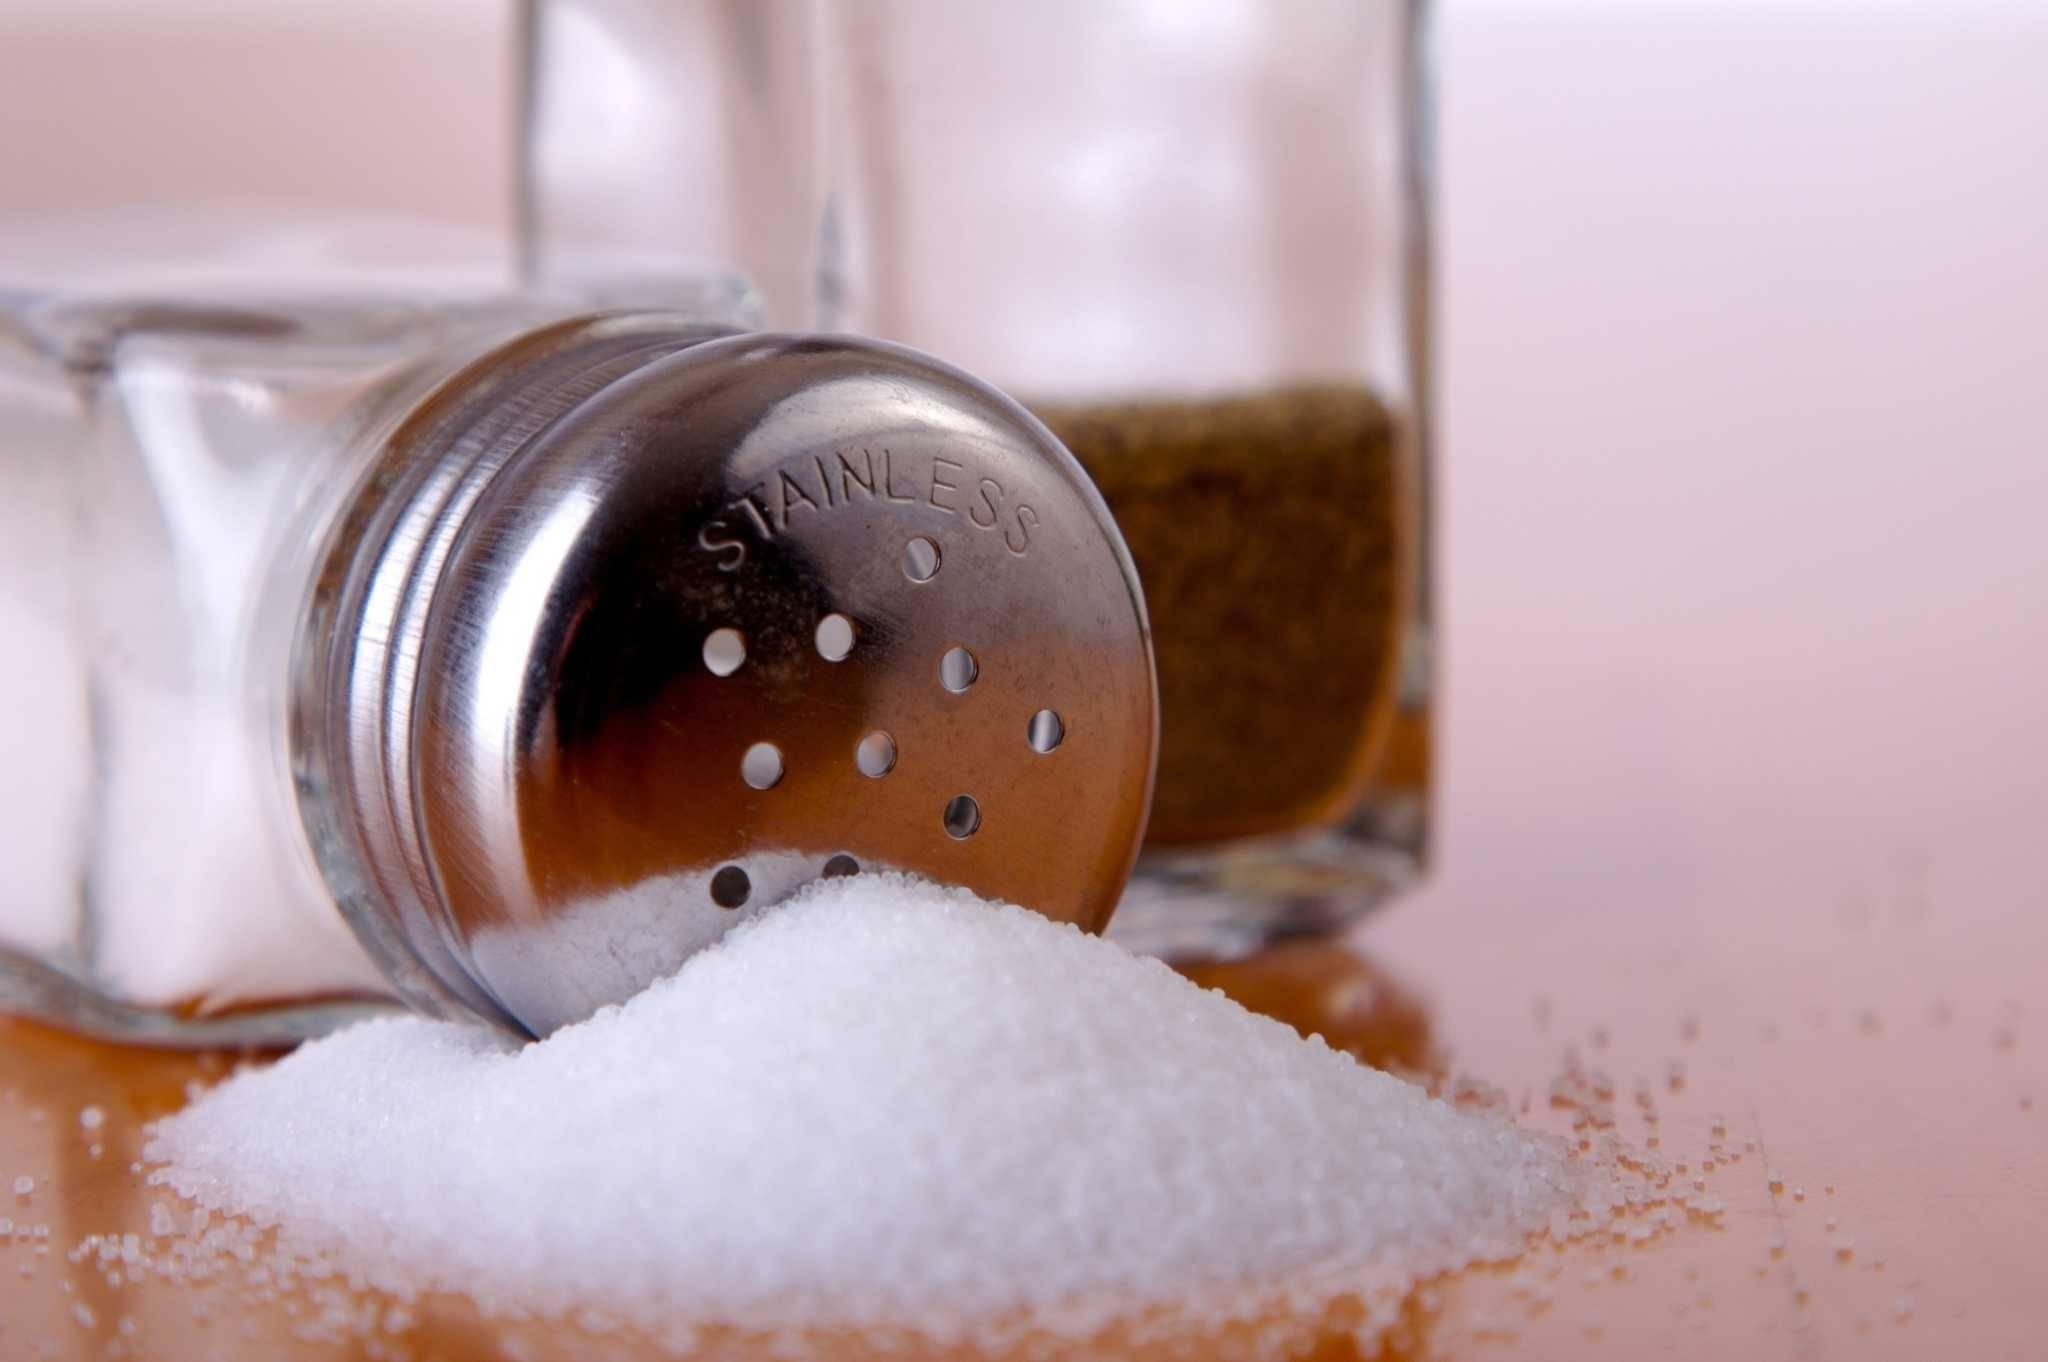 Передозировка солью (наркотиком): симптомы, что делать, первая помощь